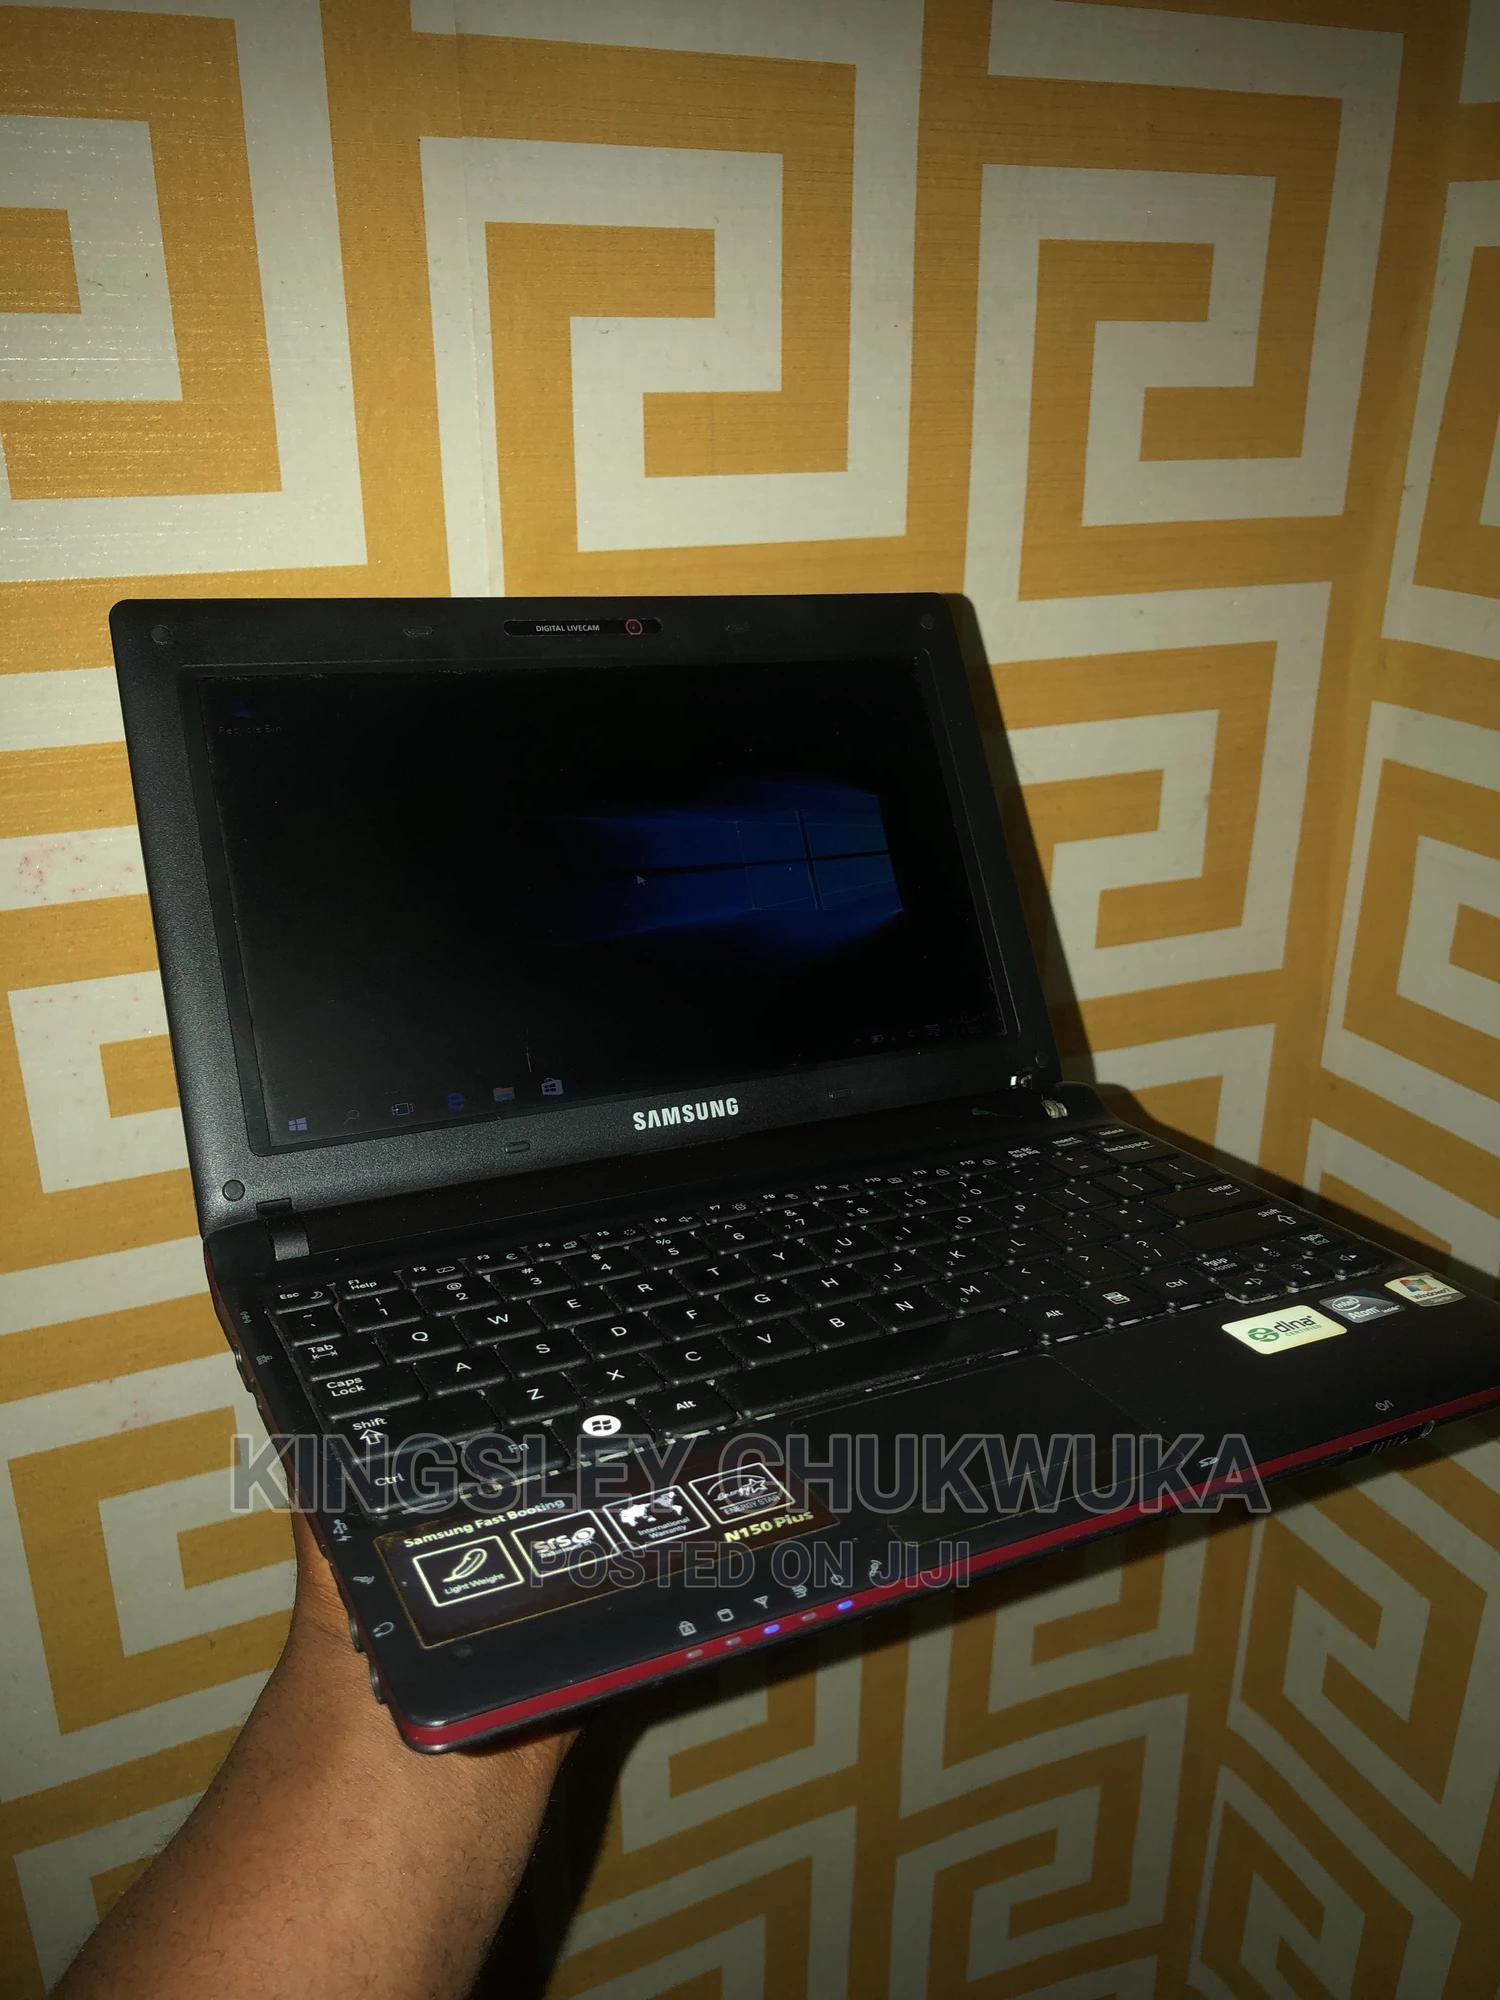 Laptop Samsung N150 2GB Intel Atom HDD 72GB